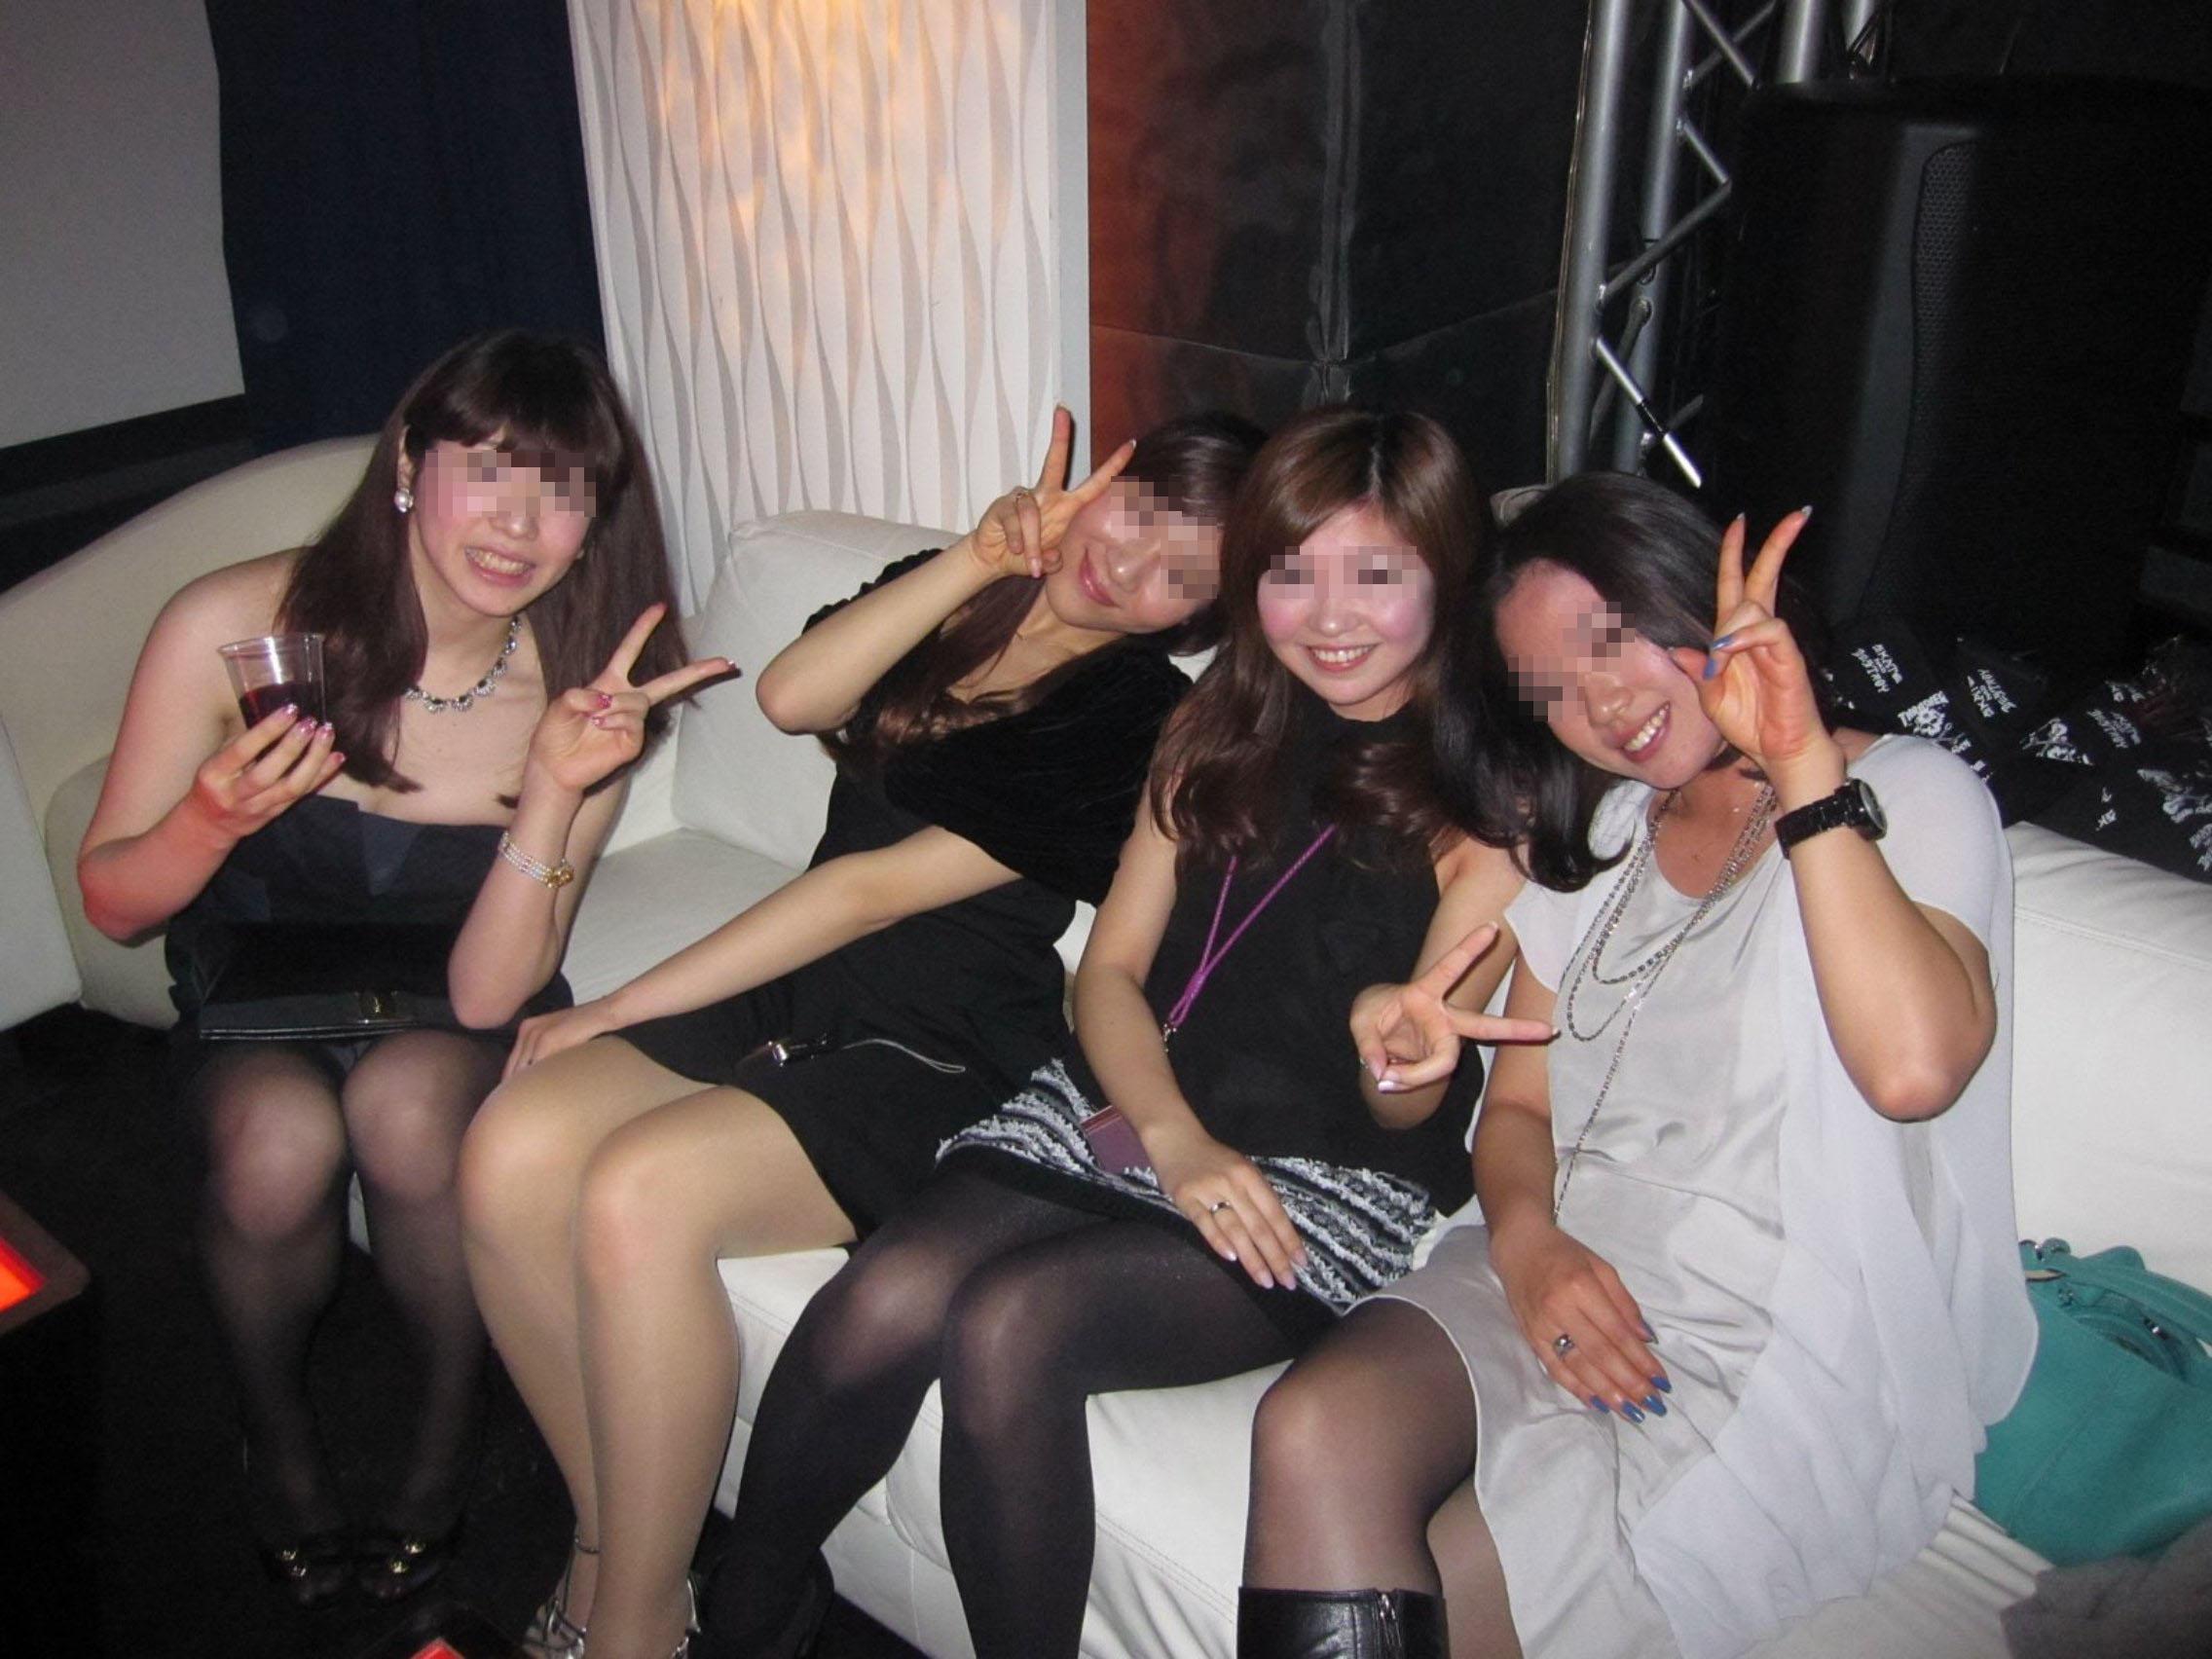 女子大生がクラブで泥酔のヤリマン下着盗撮エロ画像4枚目